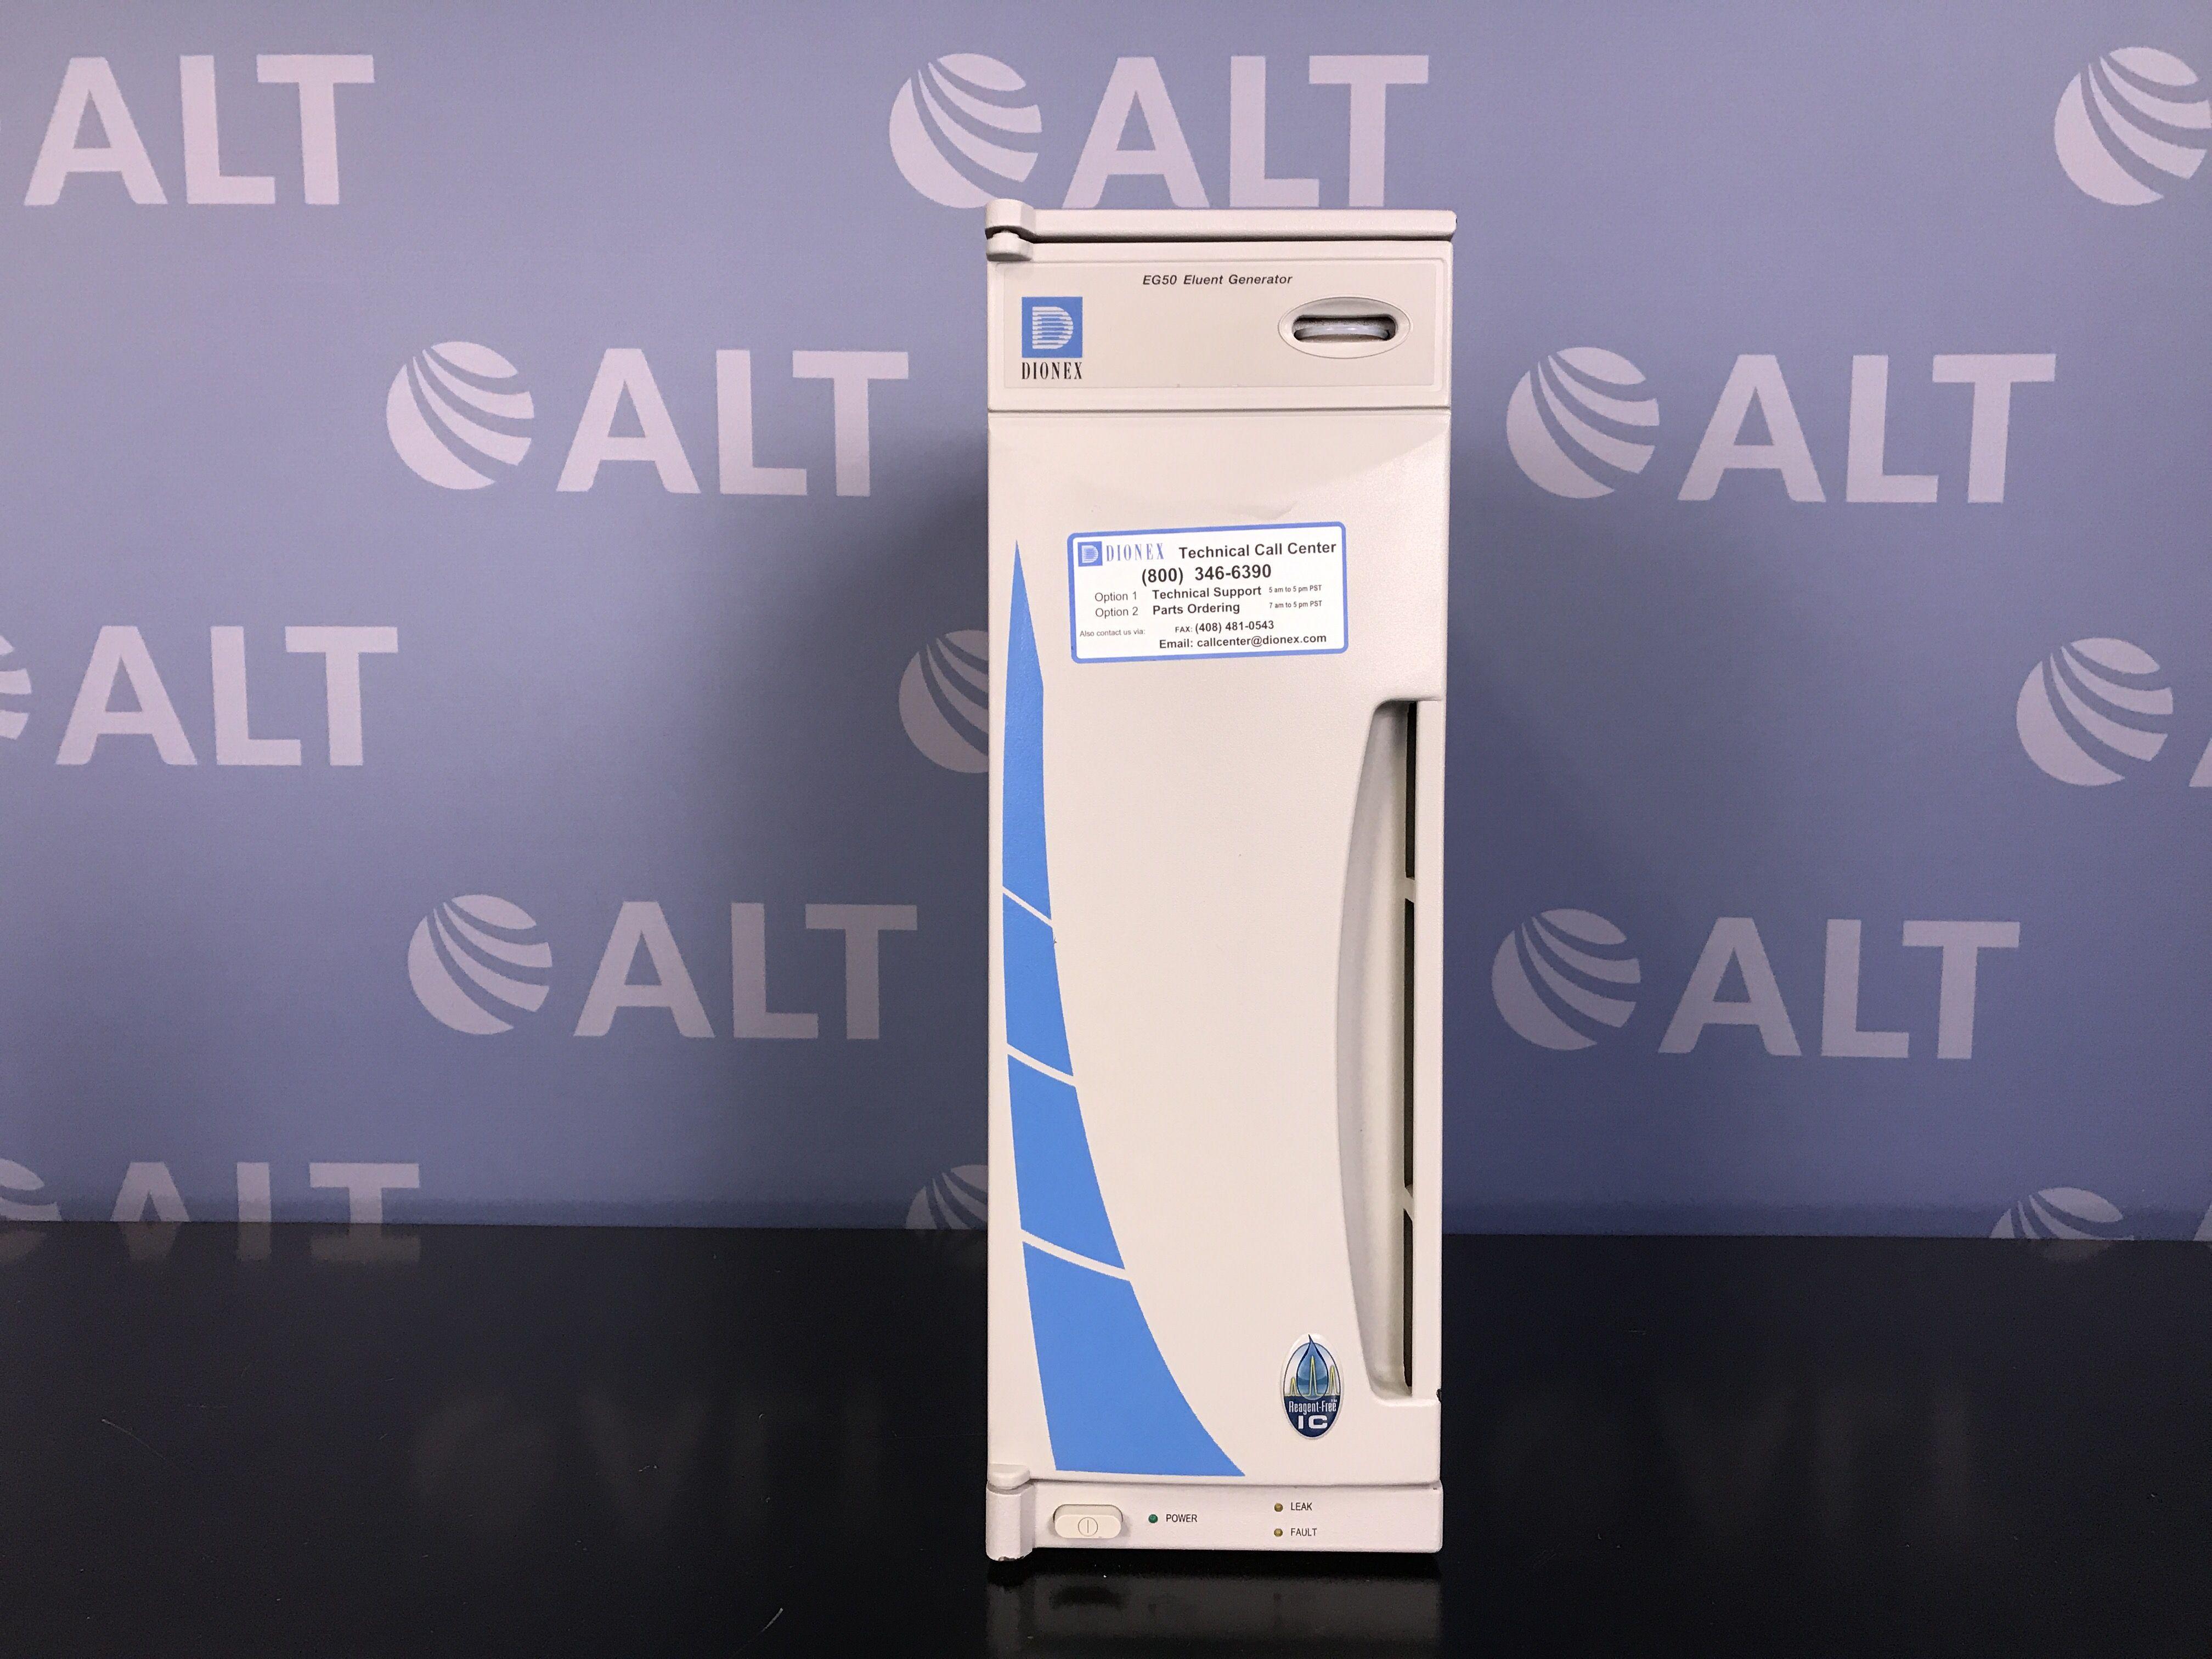 Dionex EG50 Eluent Generator